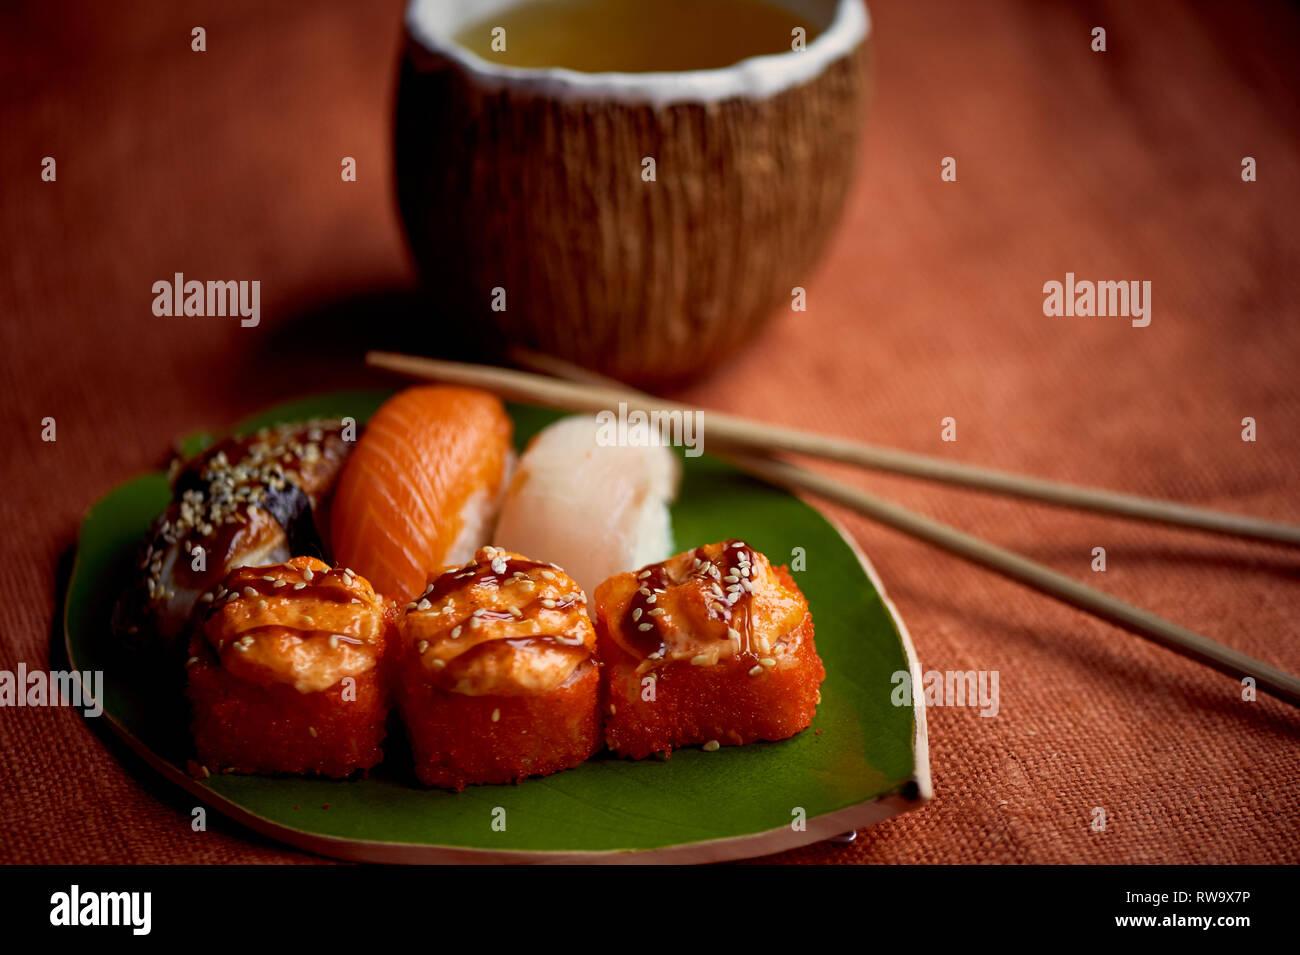 Traditionelle japanische Küche auf handgefertigte Keramik. in Form von Green leaf Platte, orange hinterlegt. Brötchen und Sushi. Stockbild